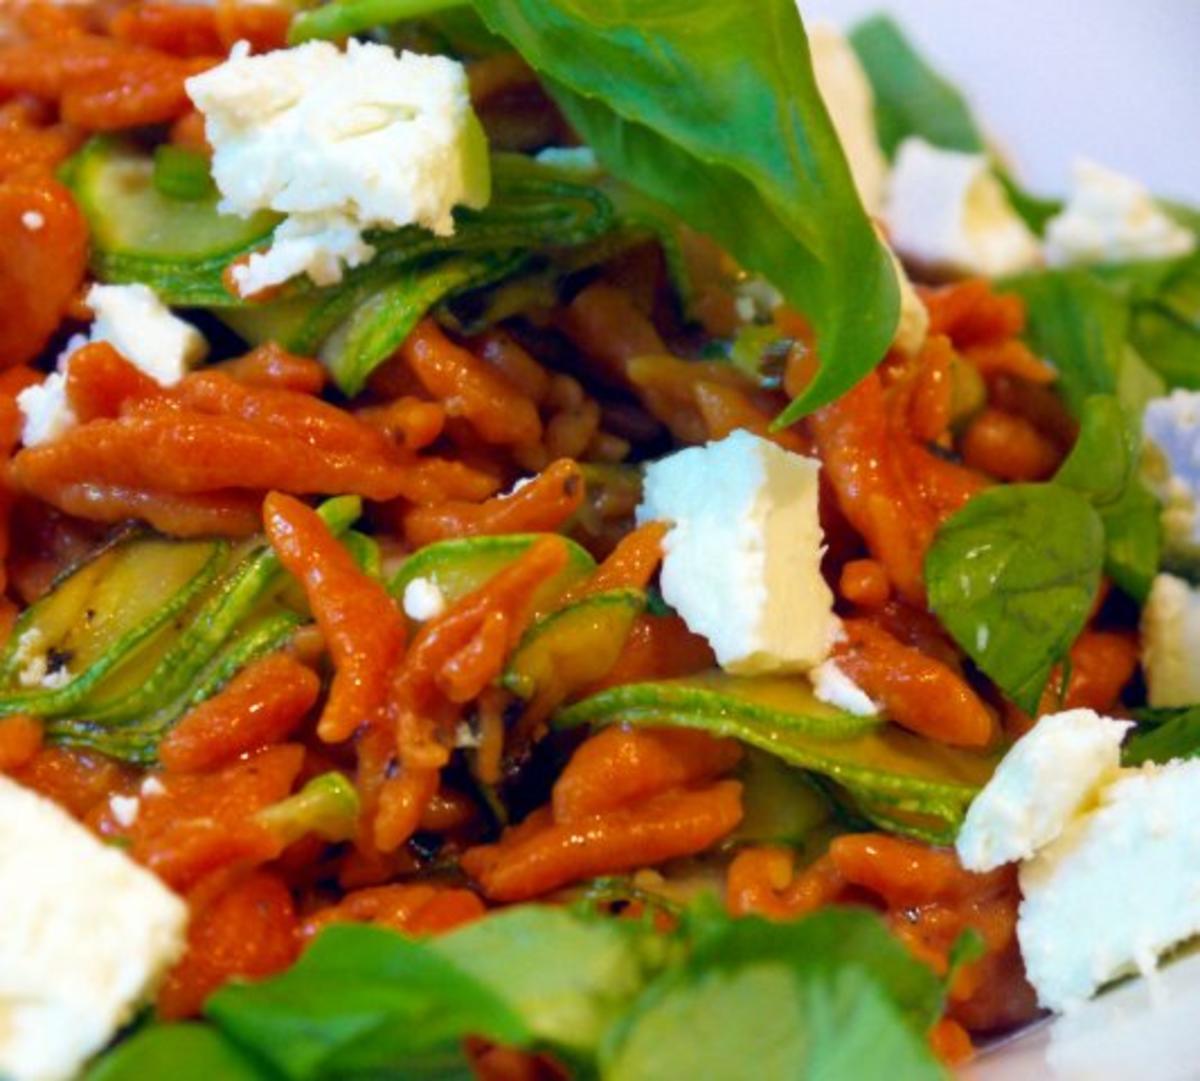 Bilder für Tomatenspätzle mit gebratenen Zucchini und Schafkäse - Rezept